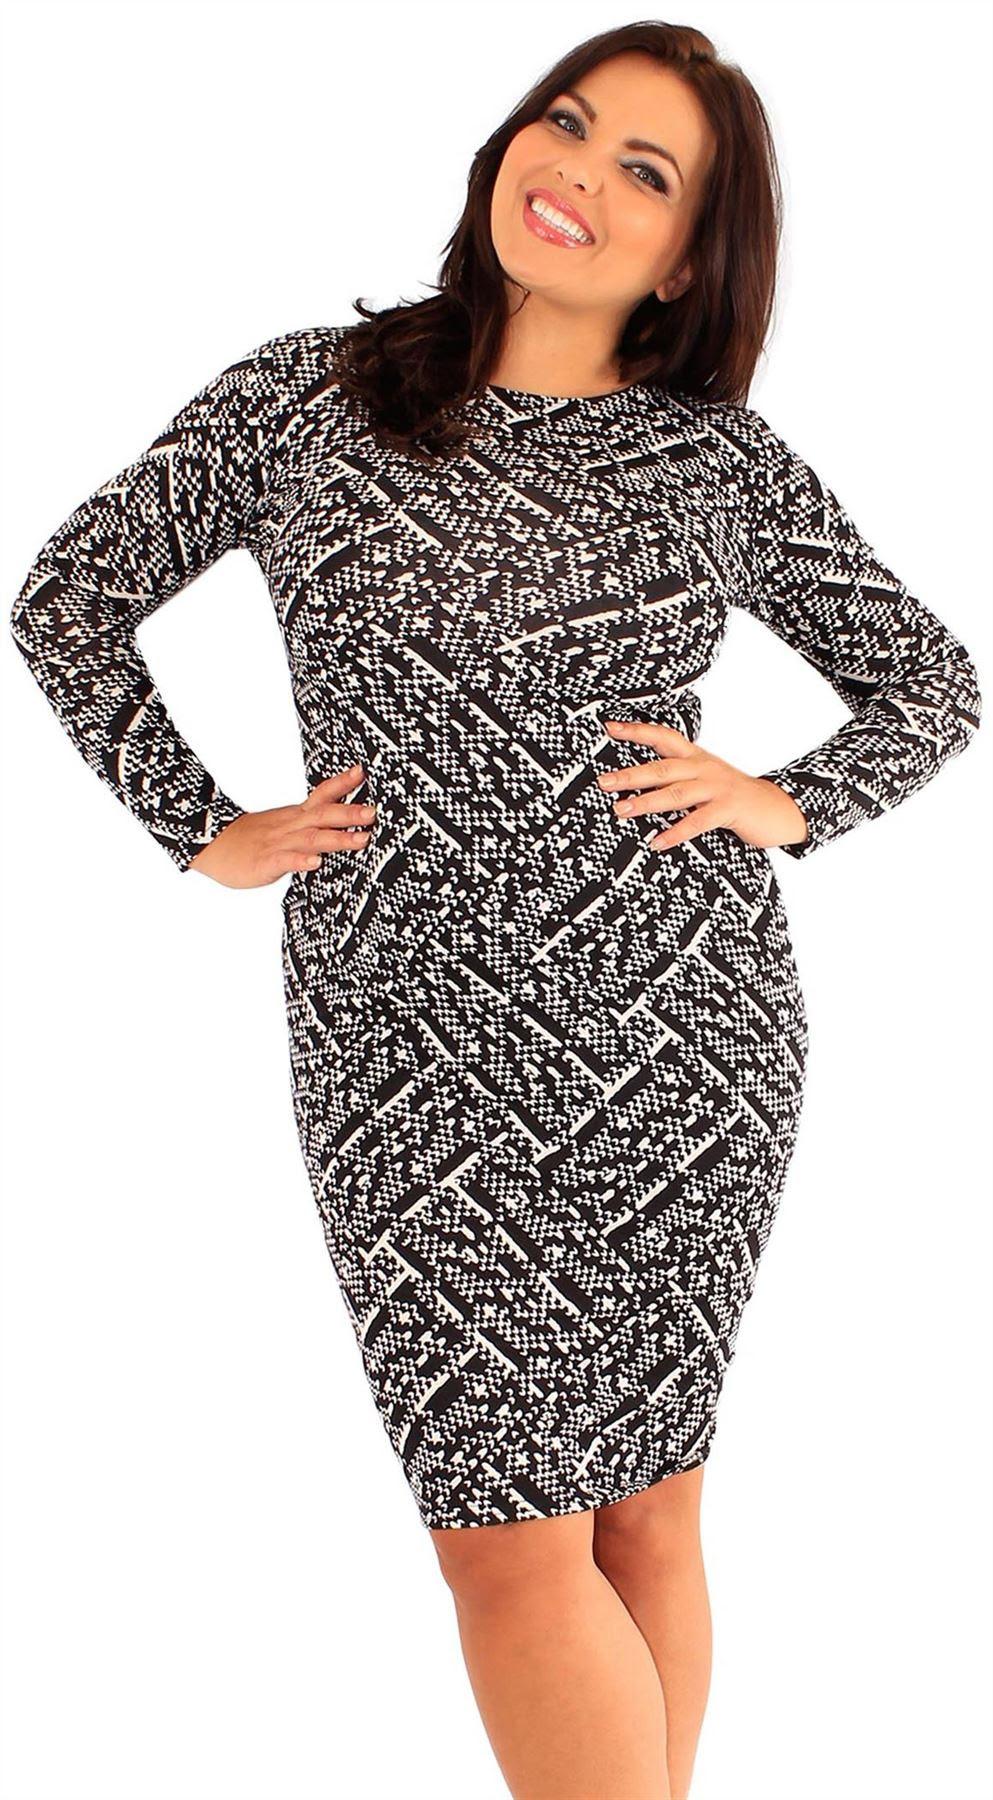 Bulk 7 dresses women bodycon plus size long